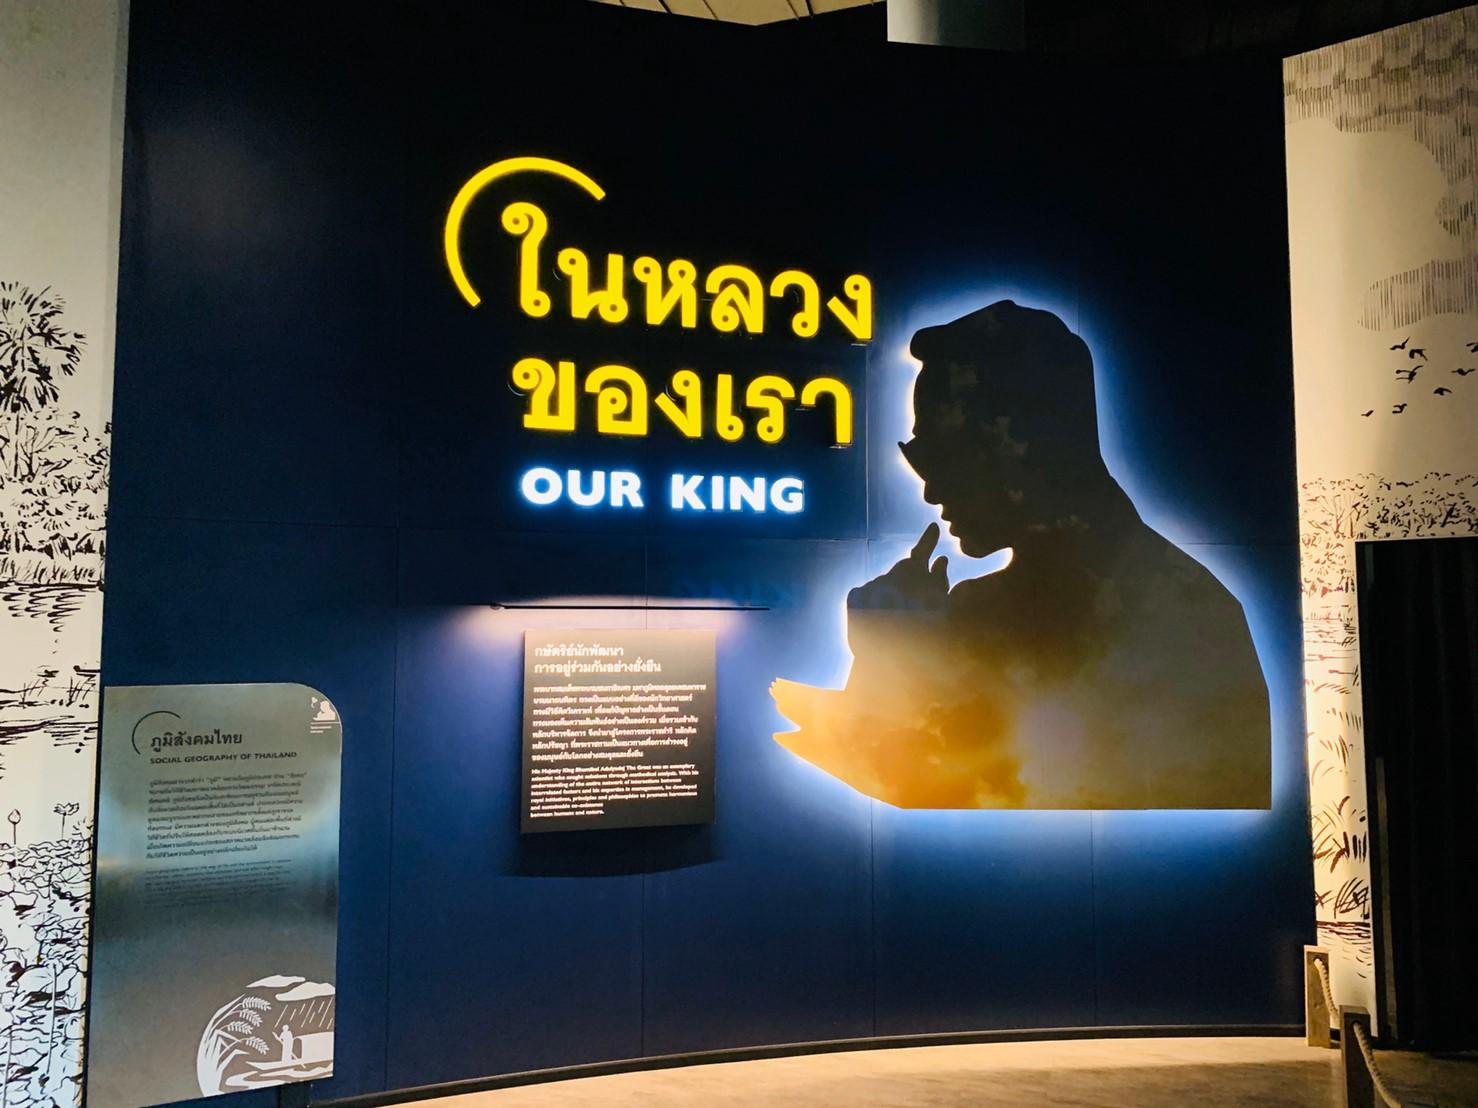 พิพิธภัณฑ์พระรามเก้า ในหลวงของเรา